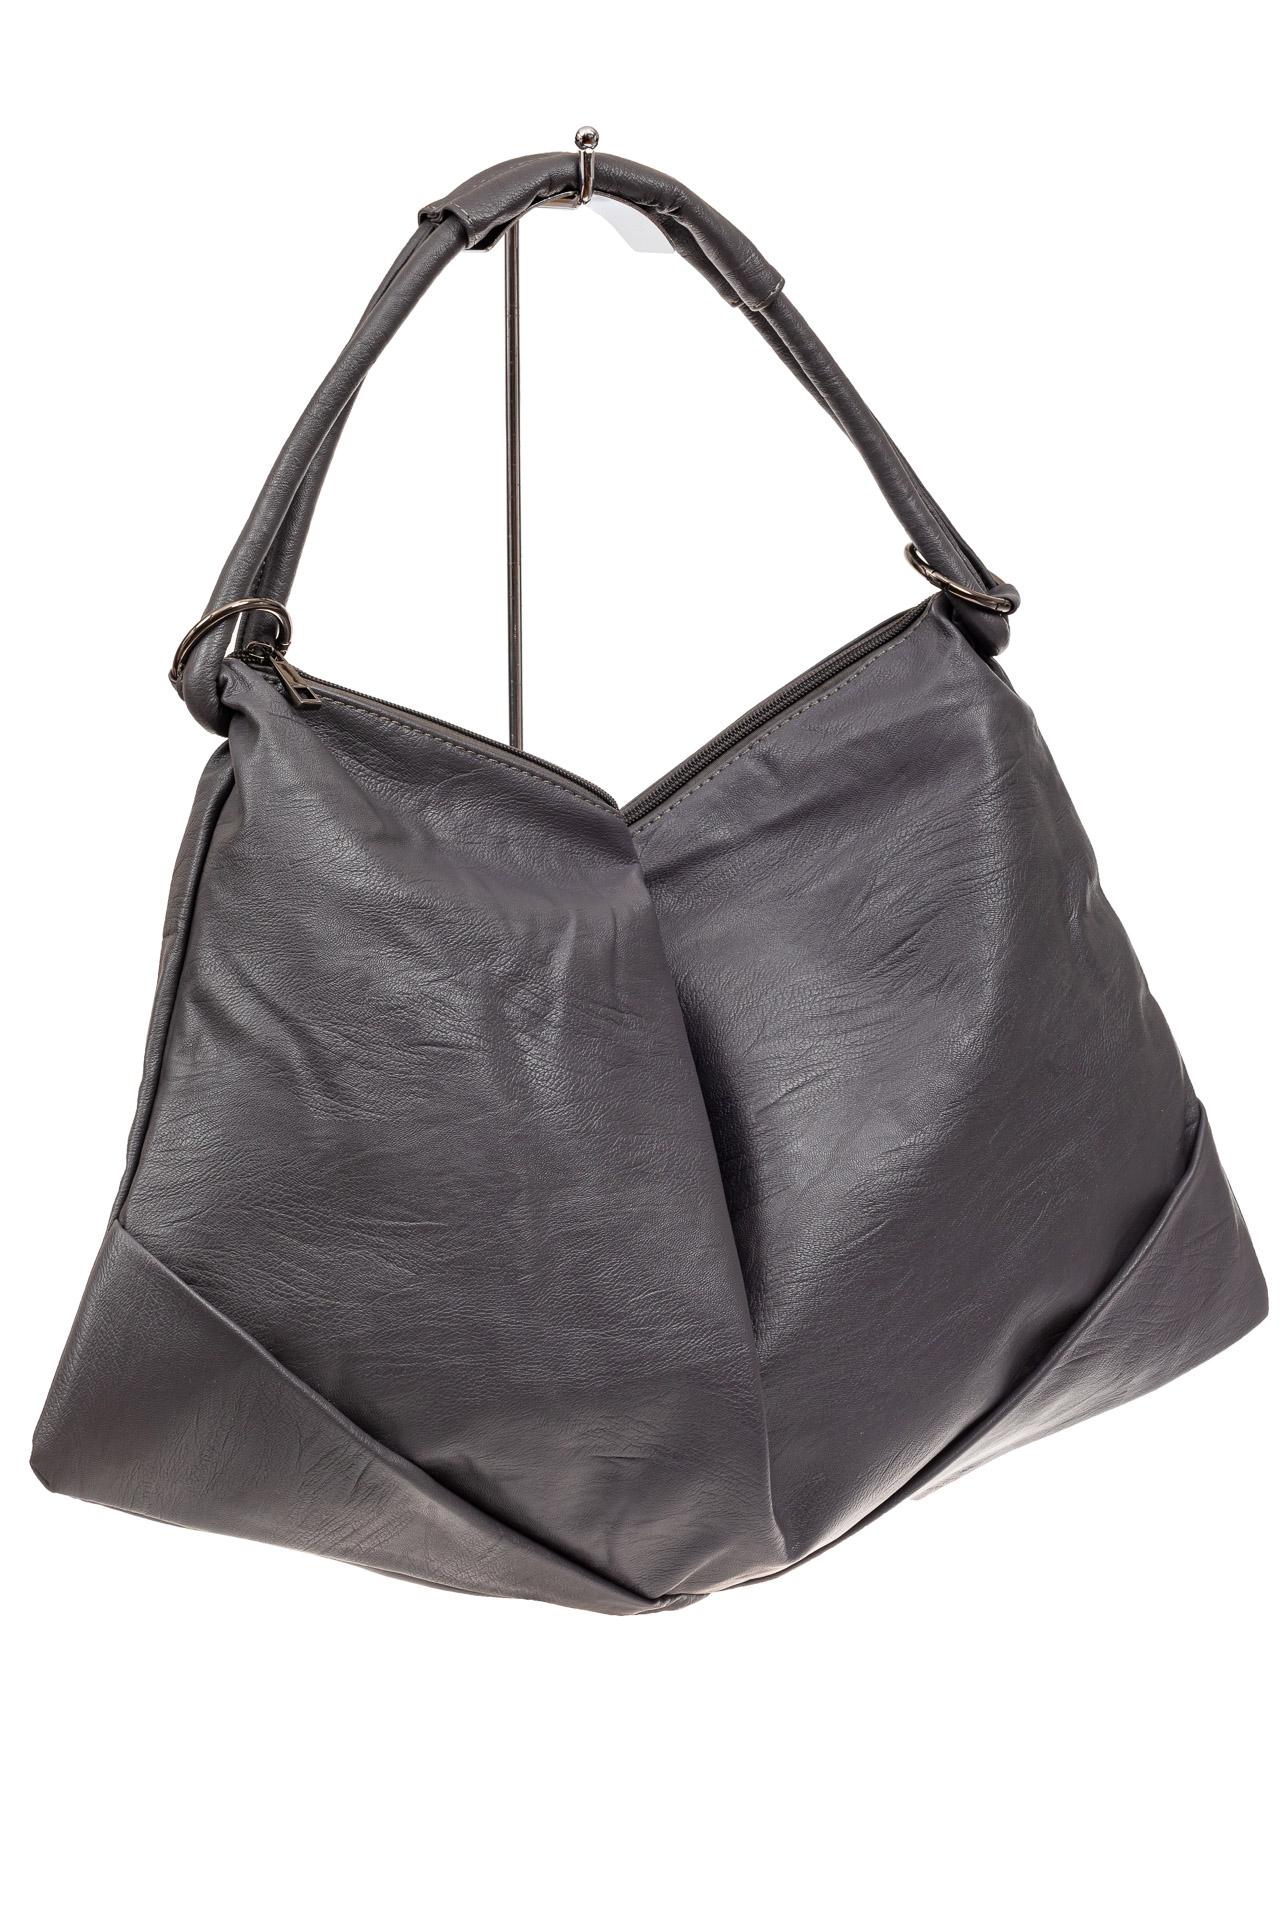 Большая женская сумка из искусственной кожи, цвет серыйX206PU1019/11